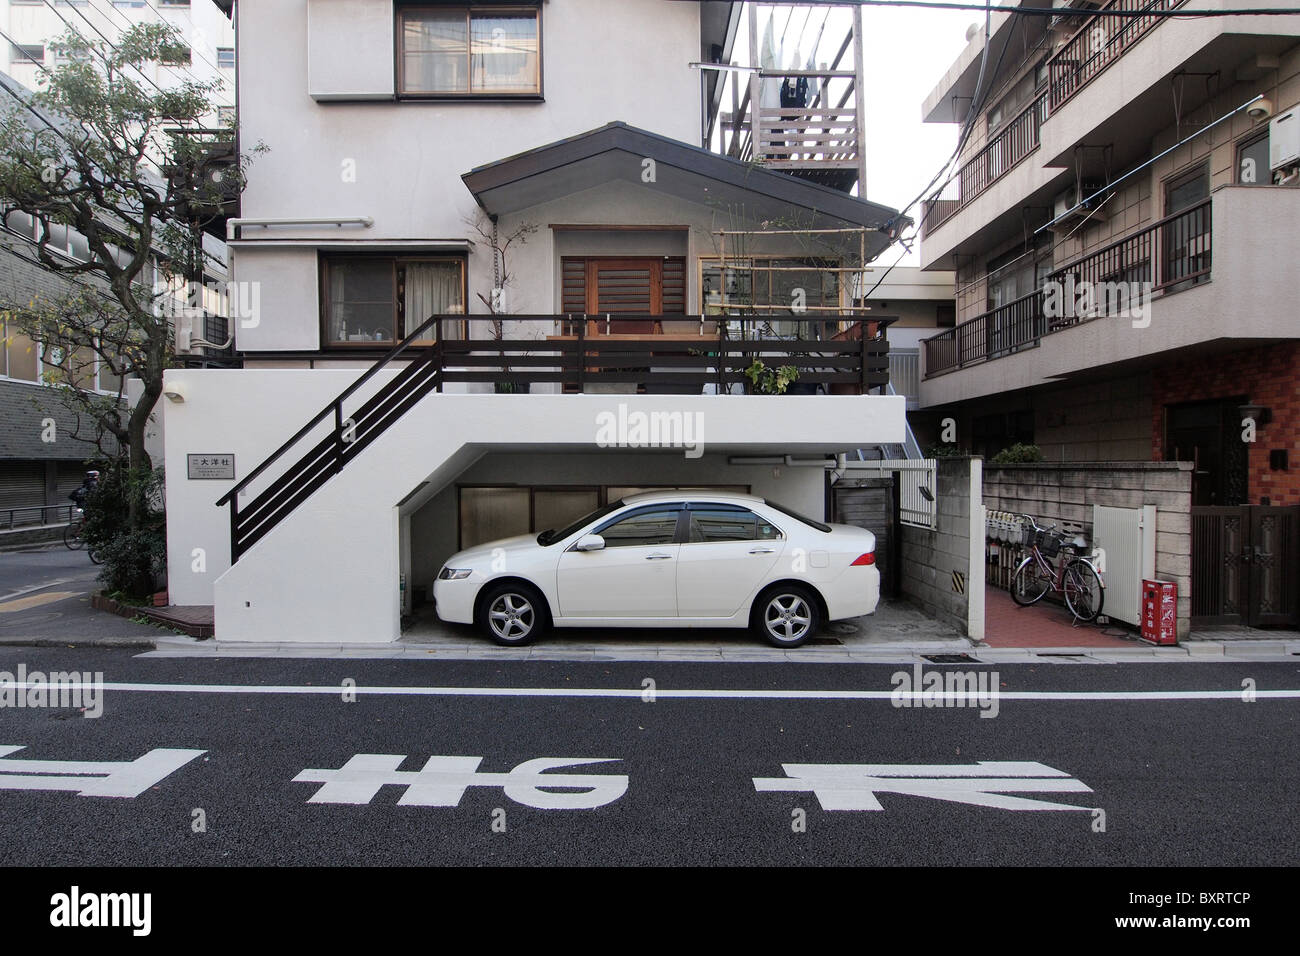 L'étroit logement résidentiel compact vivant à Tokyo Japon Photo Stock